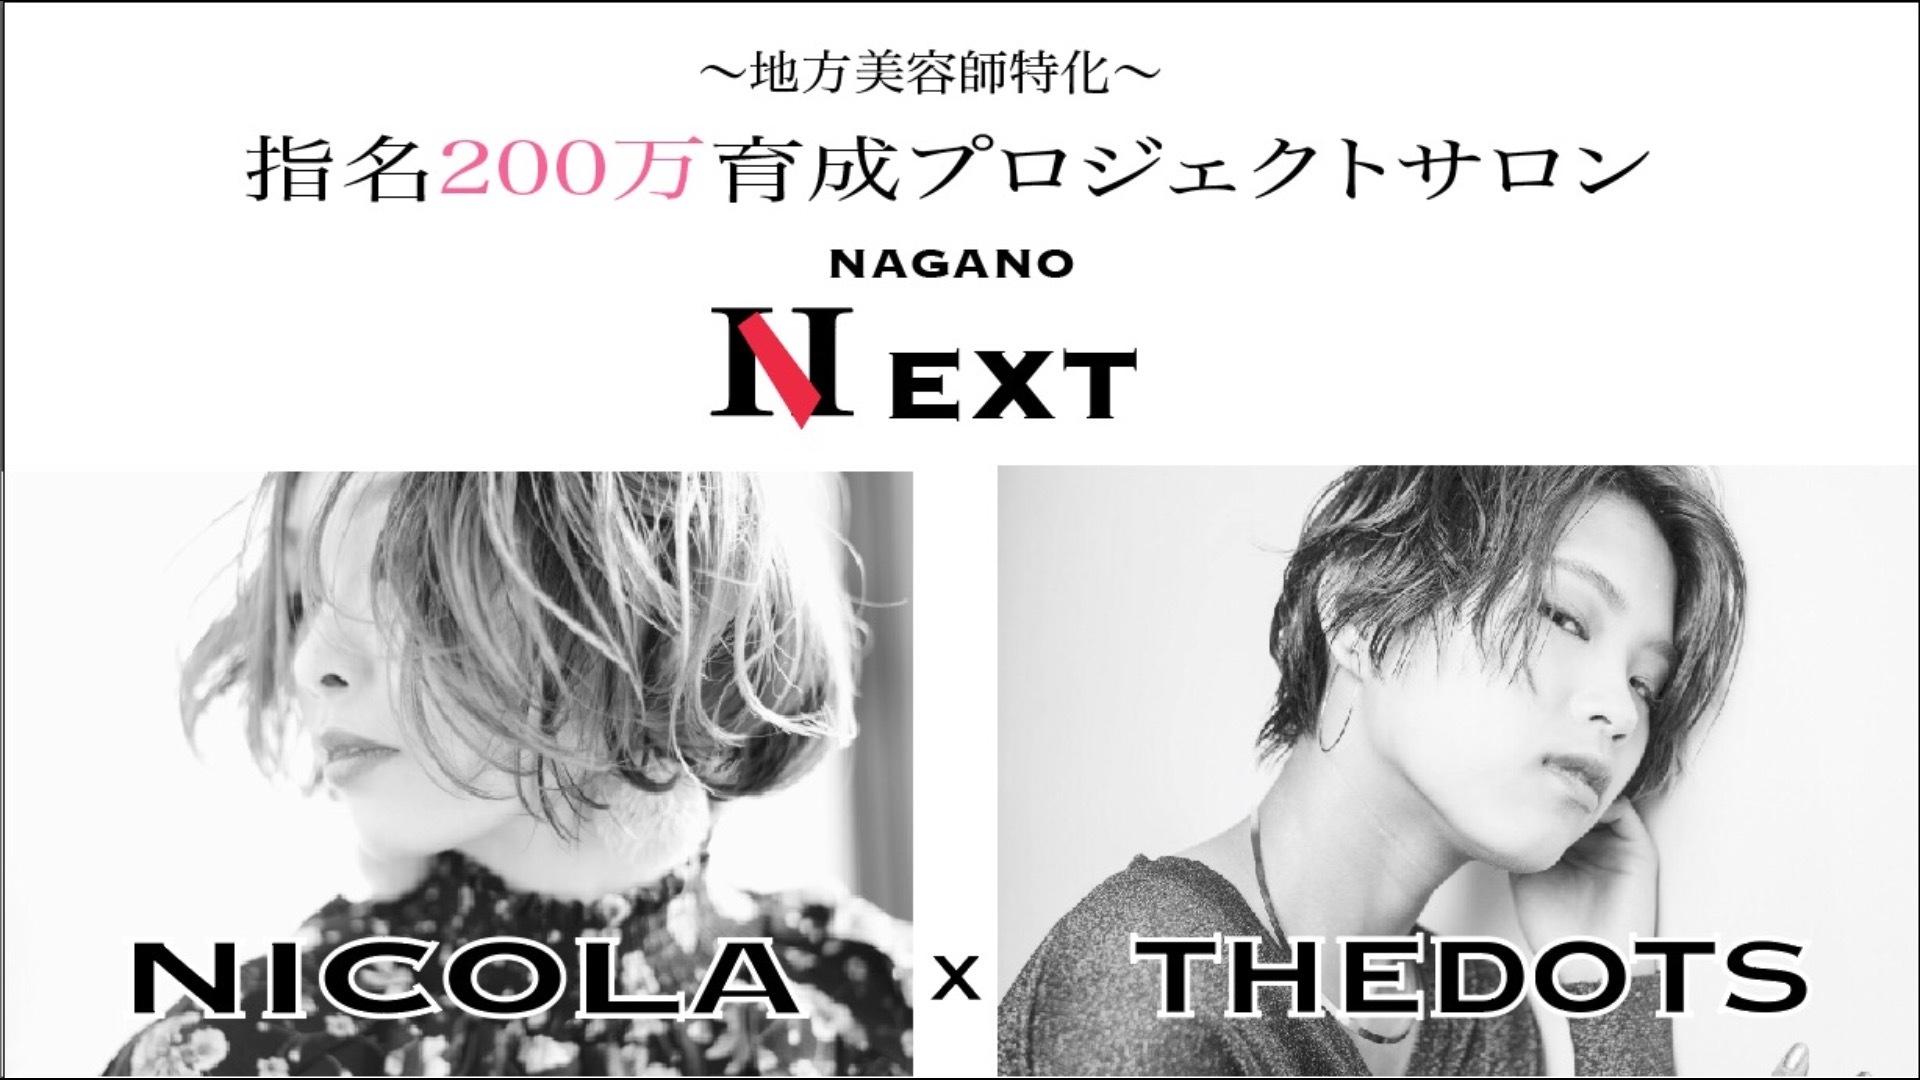 【NEXT】地方美容師特化サロン〜指名売上200万育成プロジェクト〜